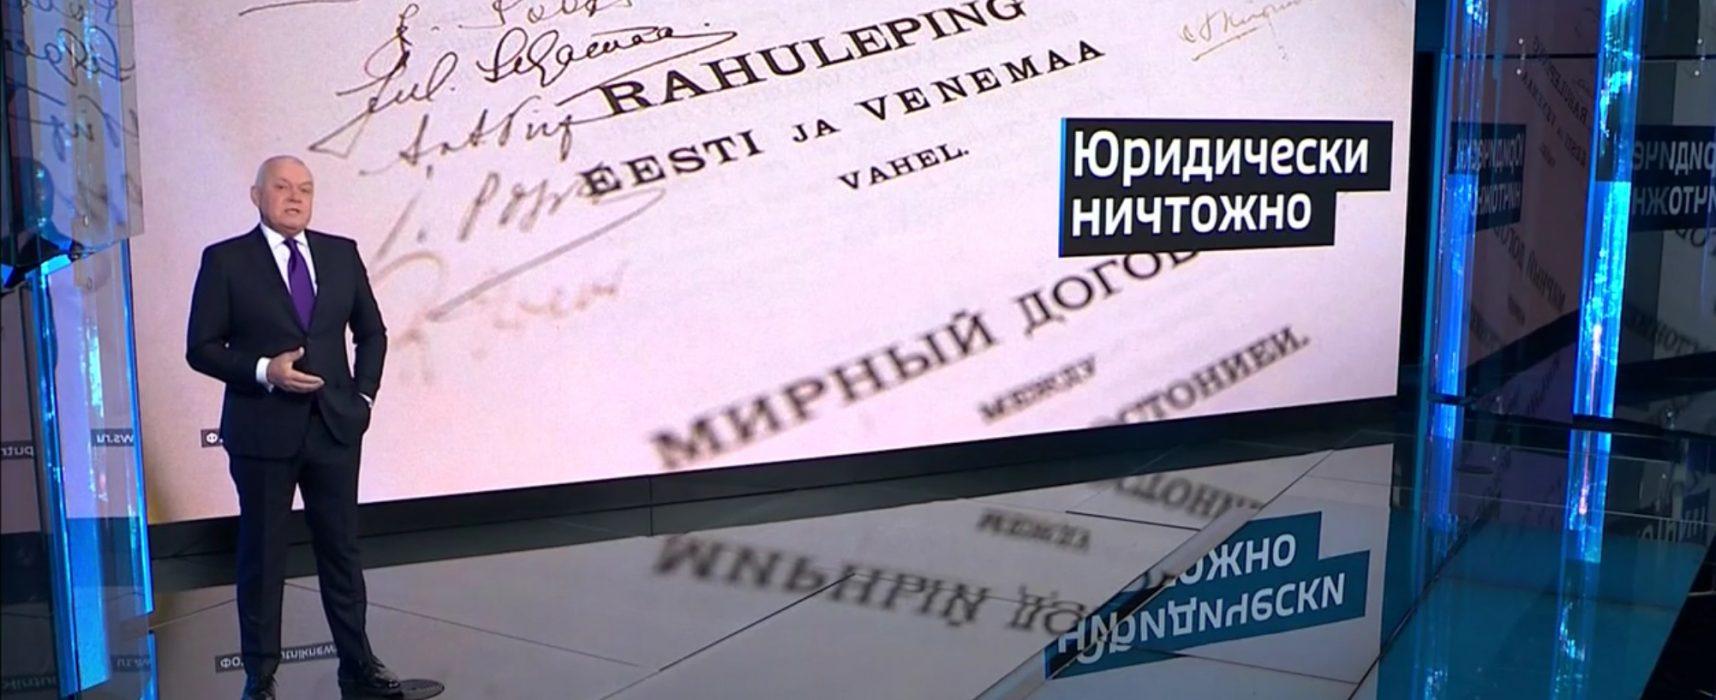 Фейк «Вестей недели» Естонія хоче відібрати у Росії Псковську область